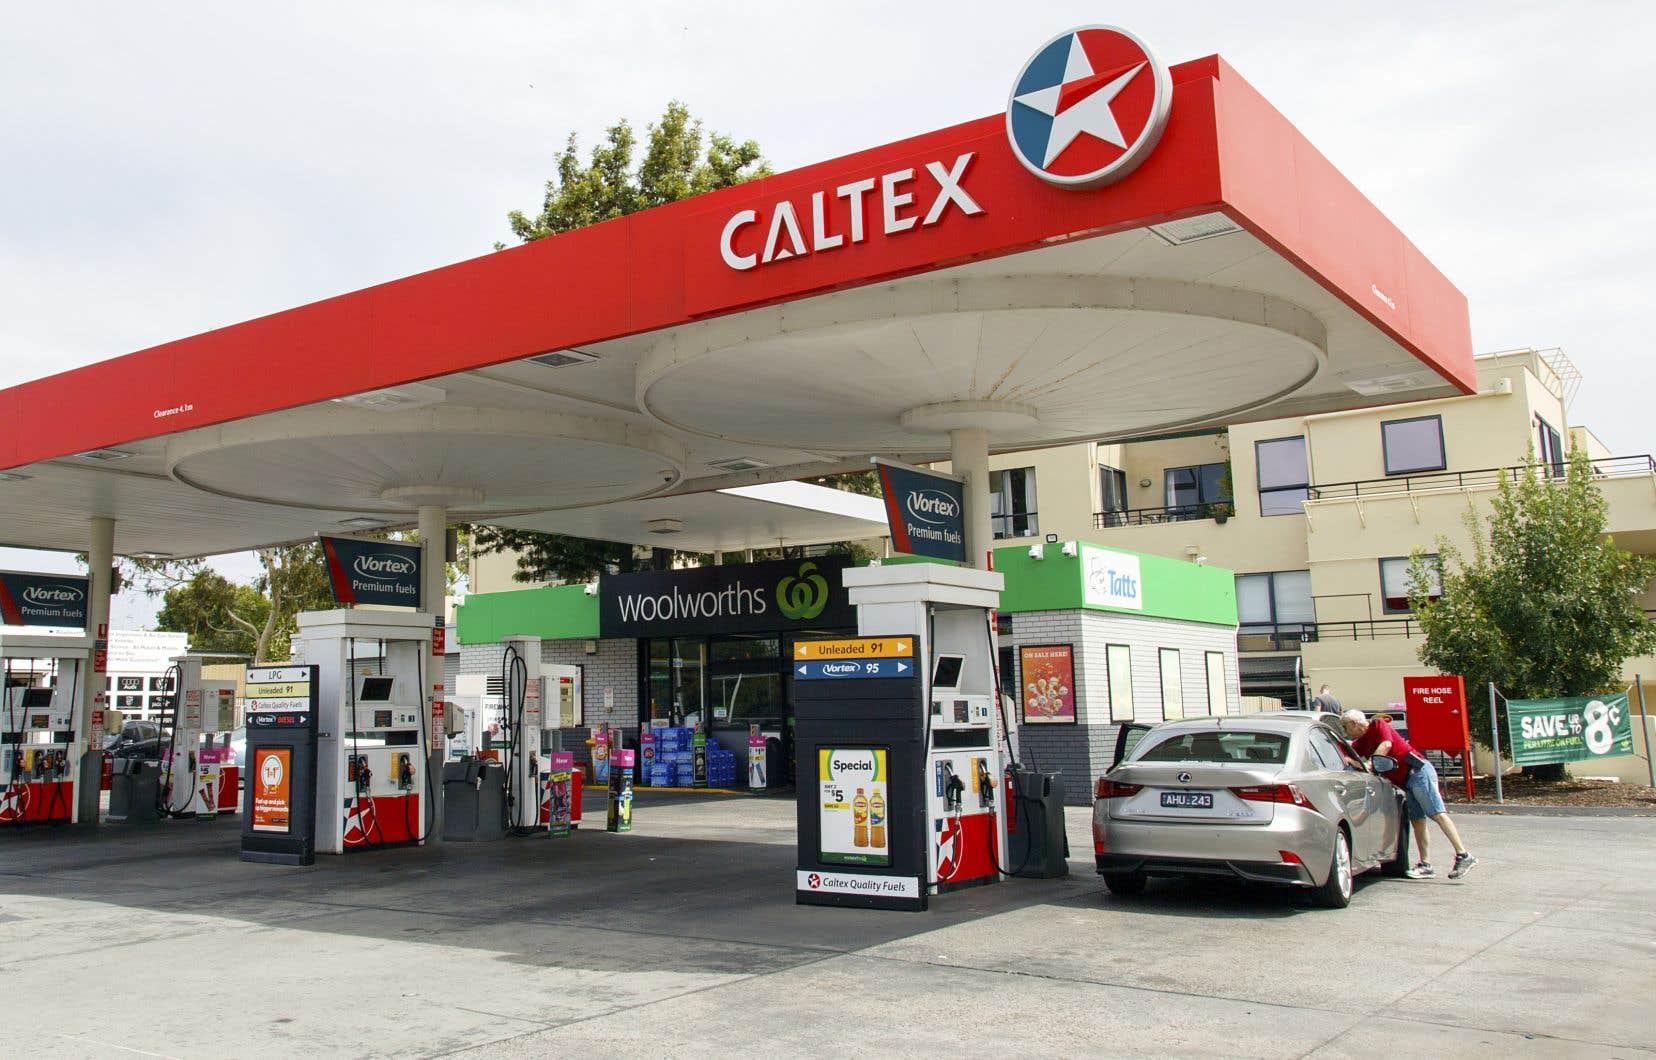 Caltex opère environ 2000 stations-service en Australie, où elle se spécialise dans la vente d'essence et de produits au détail.